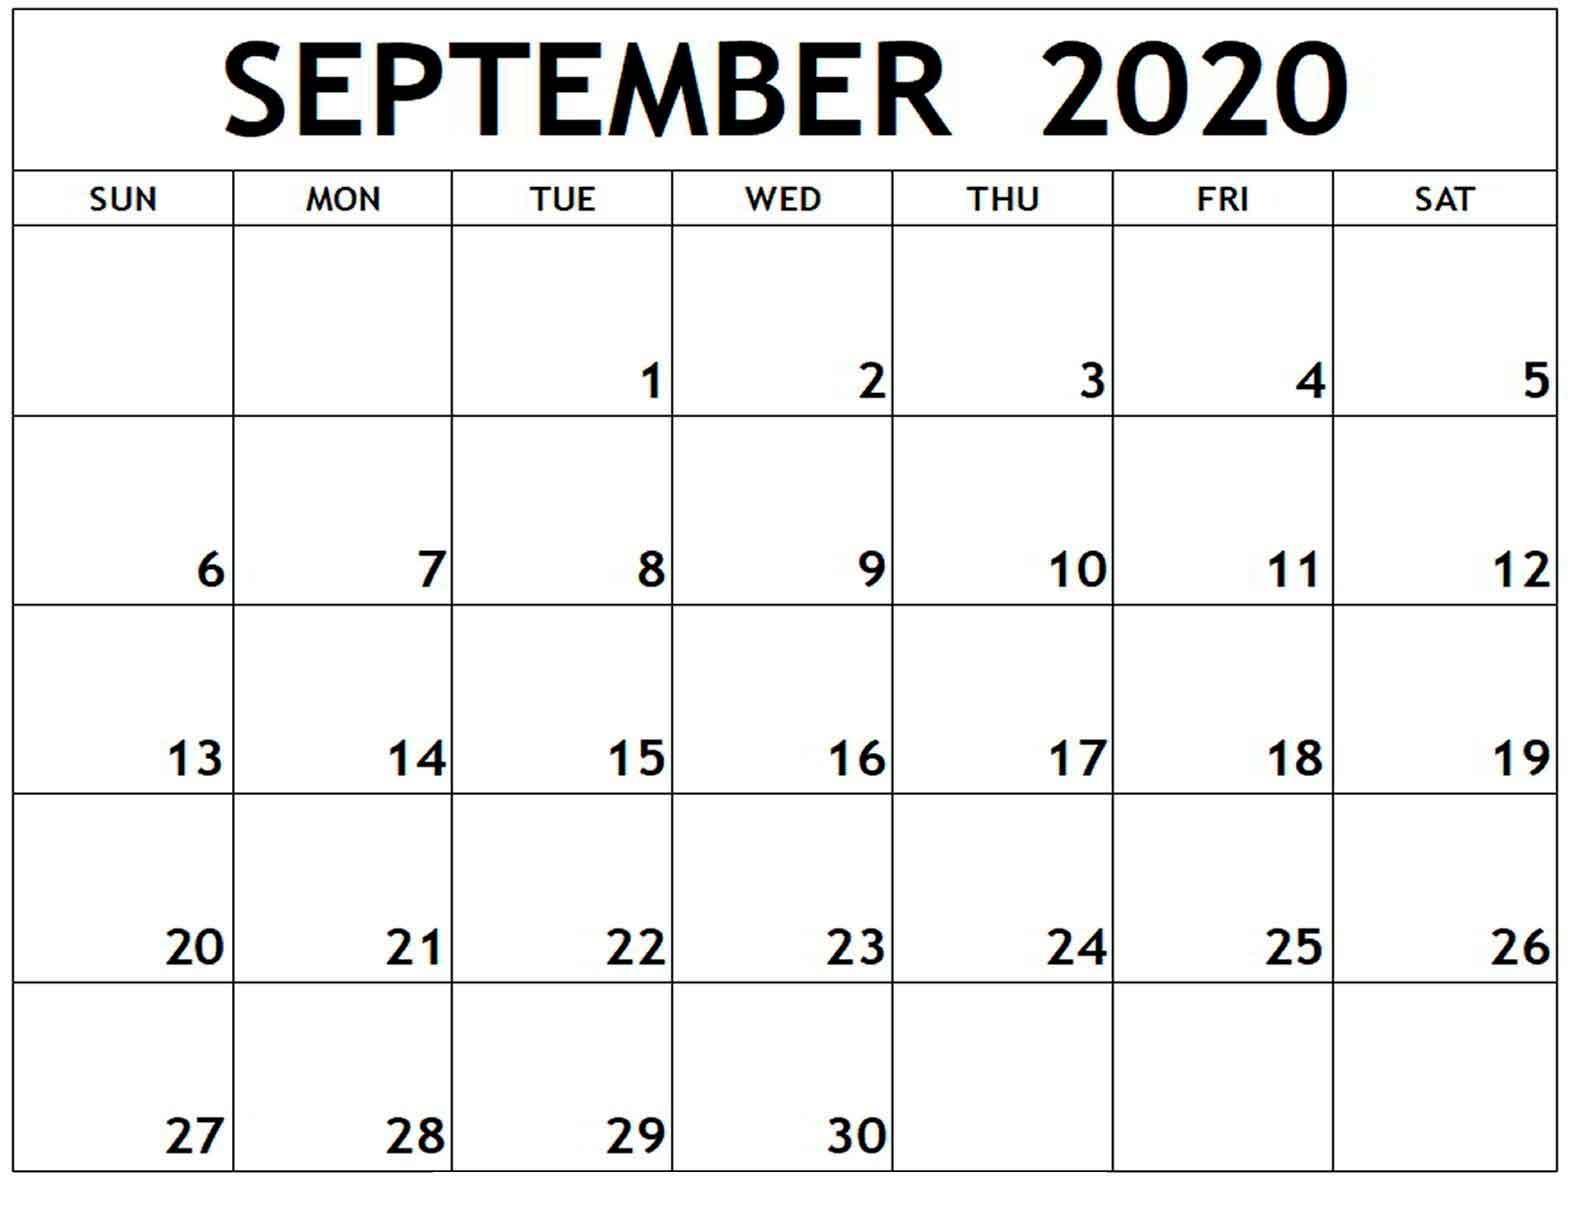 September 2020 Monthly Calendar - Calendar Word